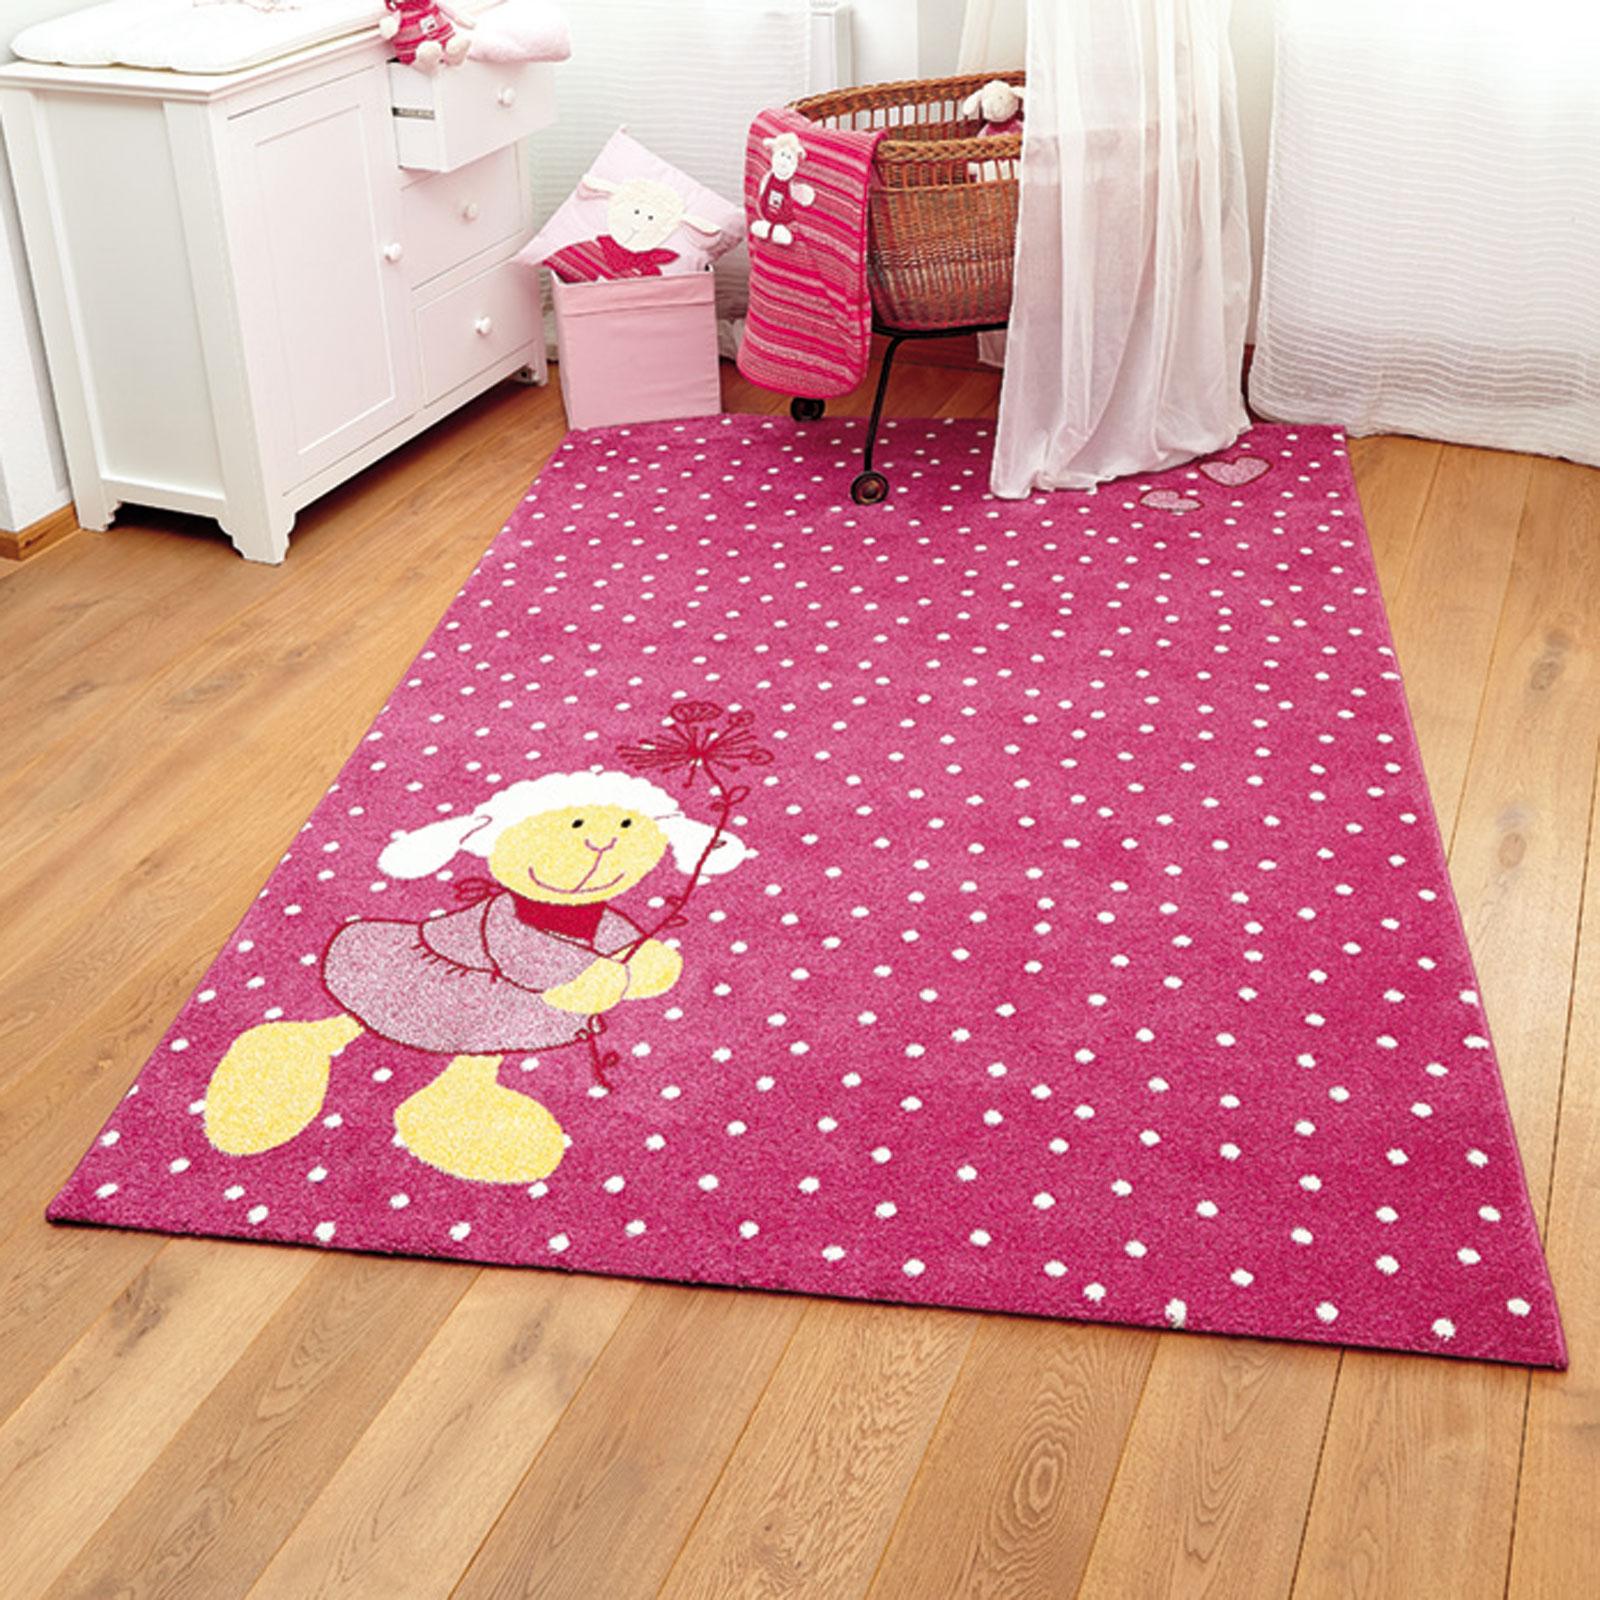 Schnuggi Rugs In Pink 0524 03